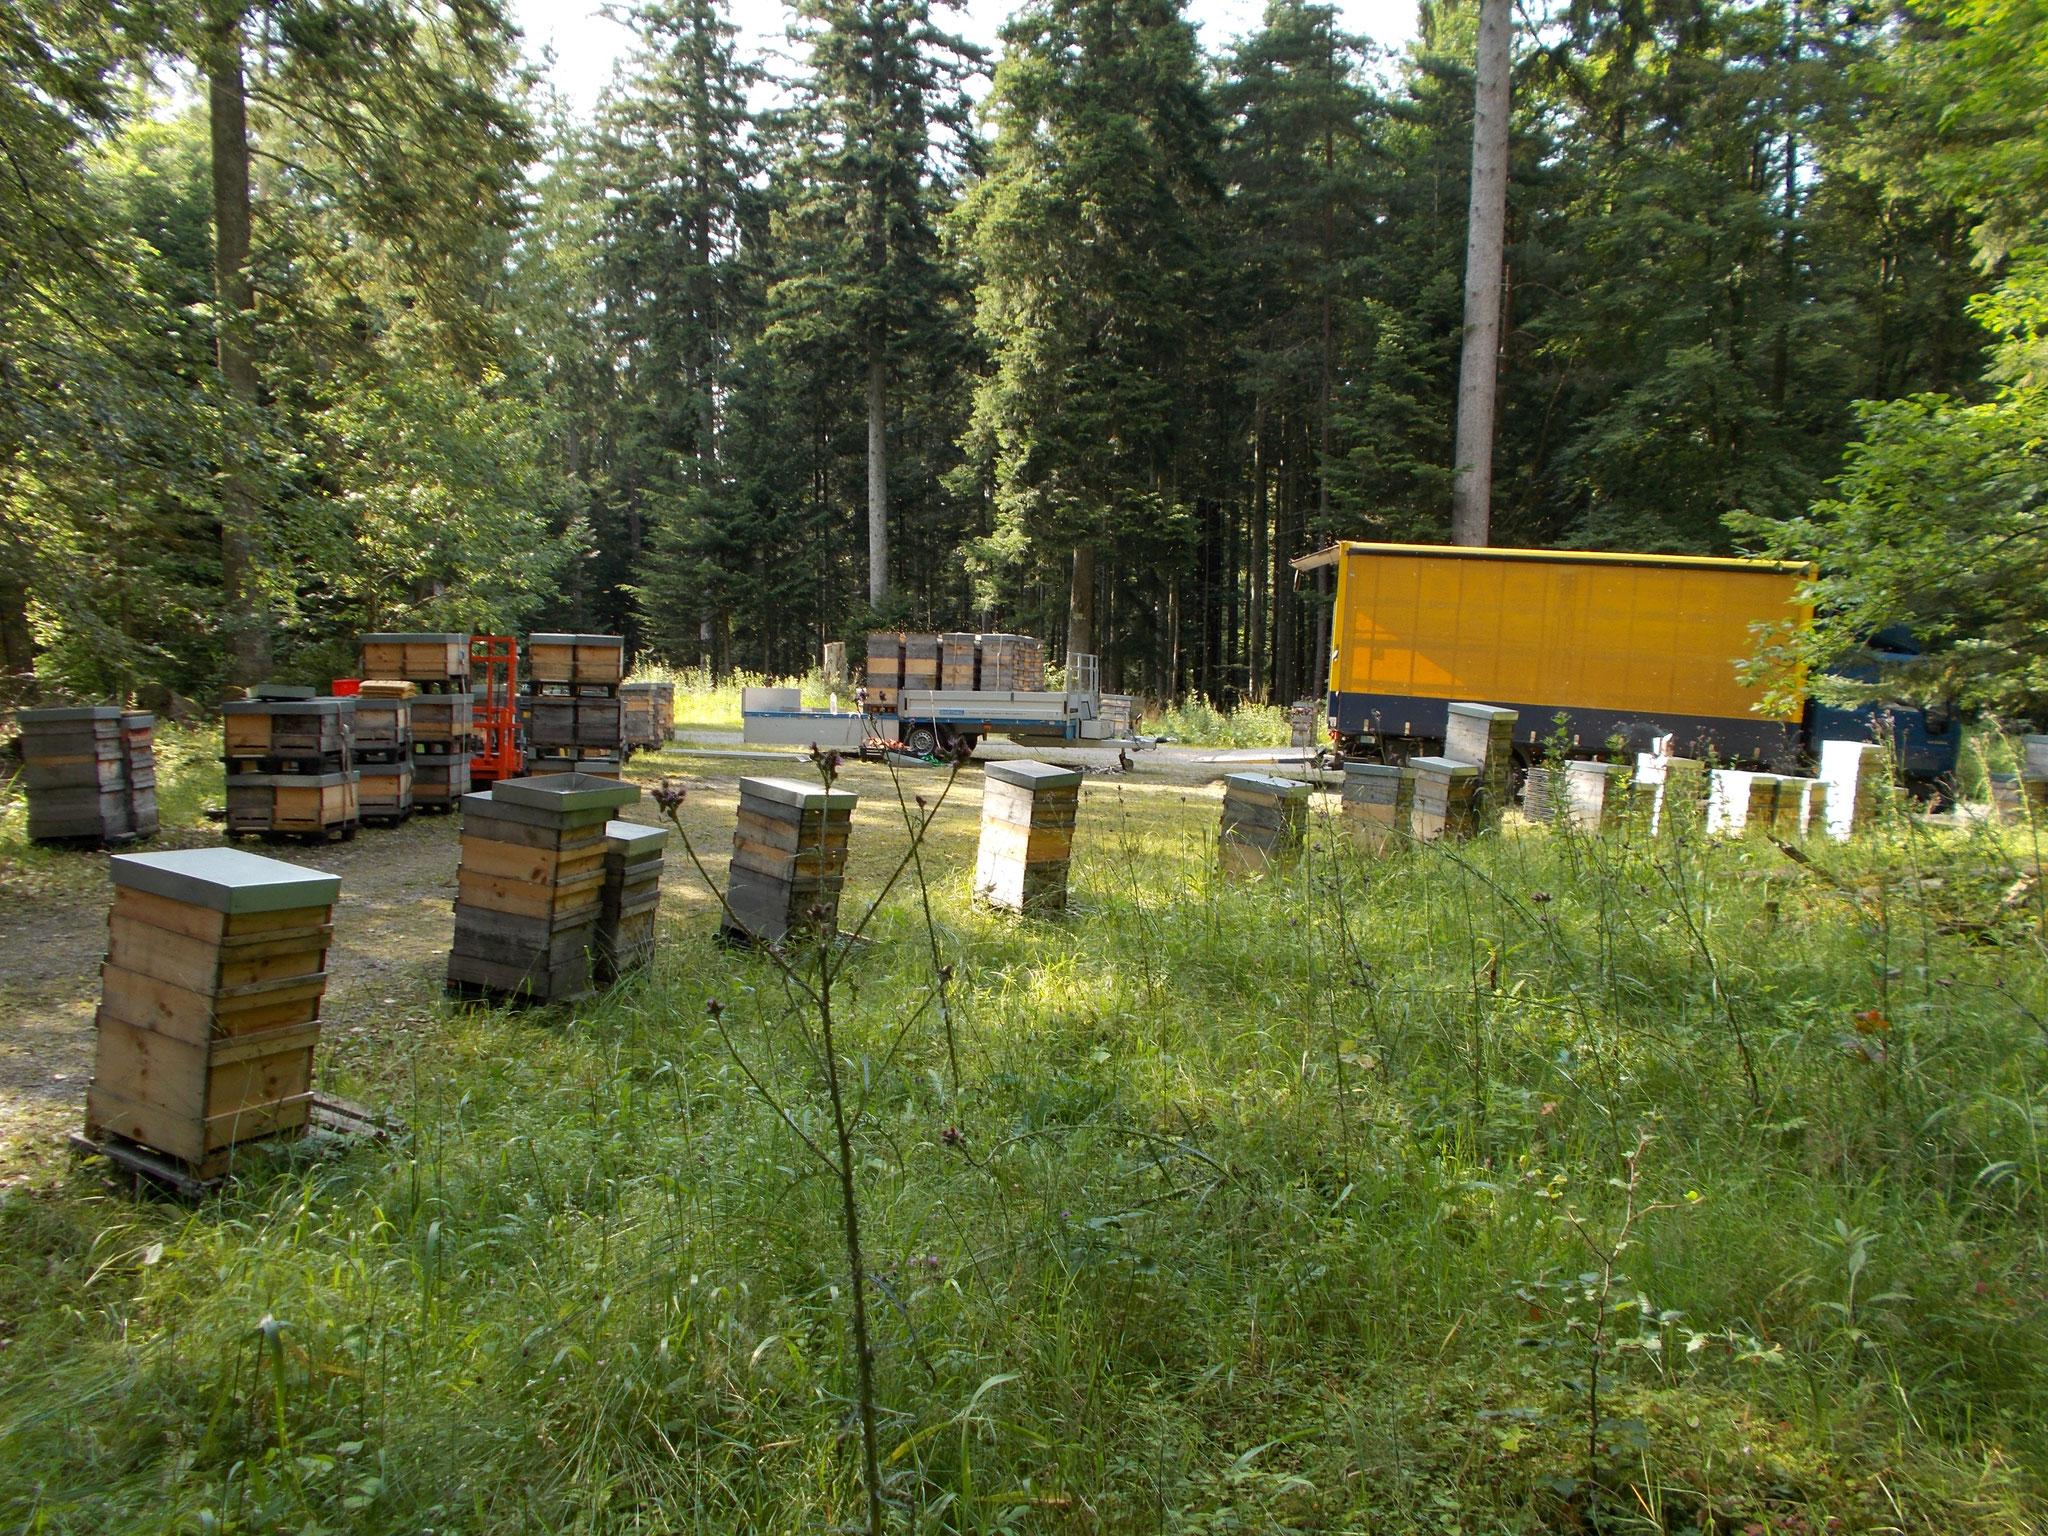 ...so kommt unser aromatischer Waldhonig z.B. aus dem Schwarzwald. Nach ca. 1-2 Wochen werden die Bienen zur Honigernte wieder nach Hause geholt.